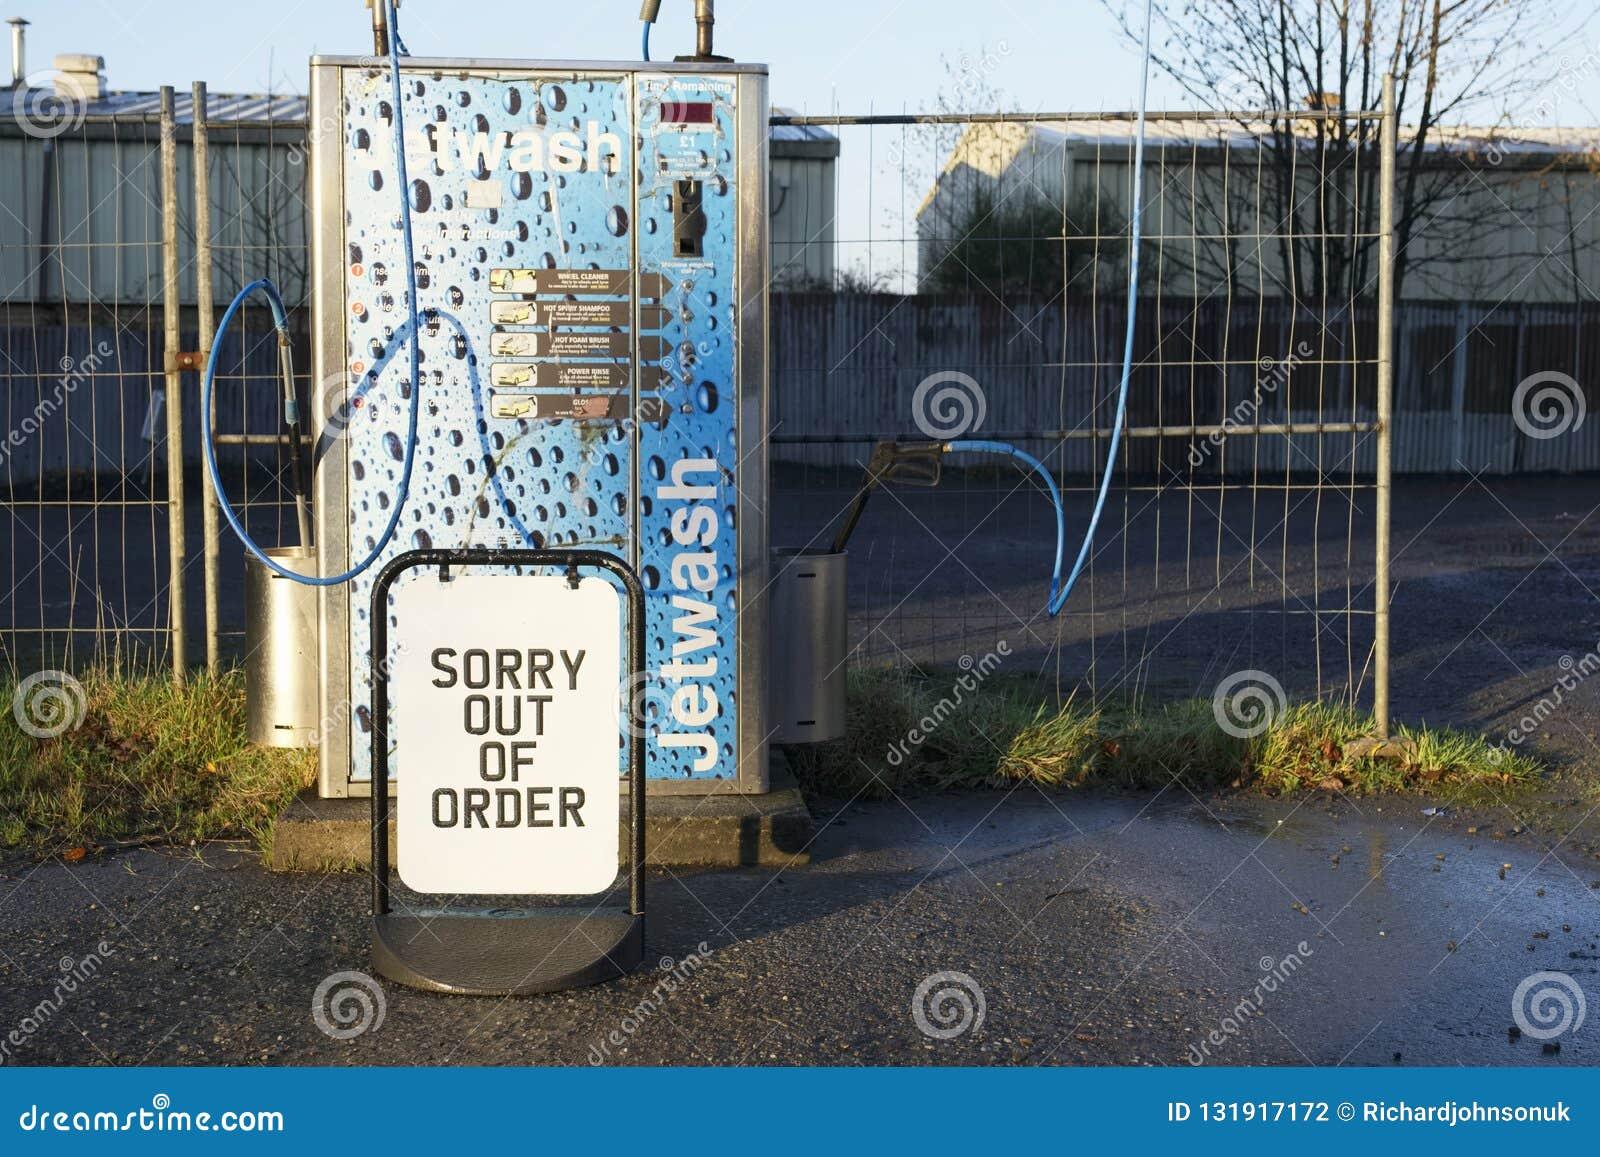 Londen/Engeland - November zestiende 2018: Droevig uit ordeteken bij de straalwas van de benzinepost